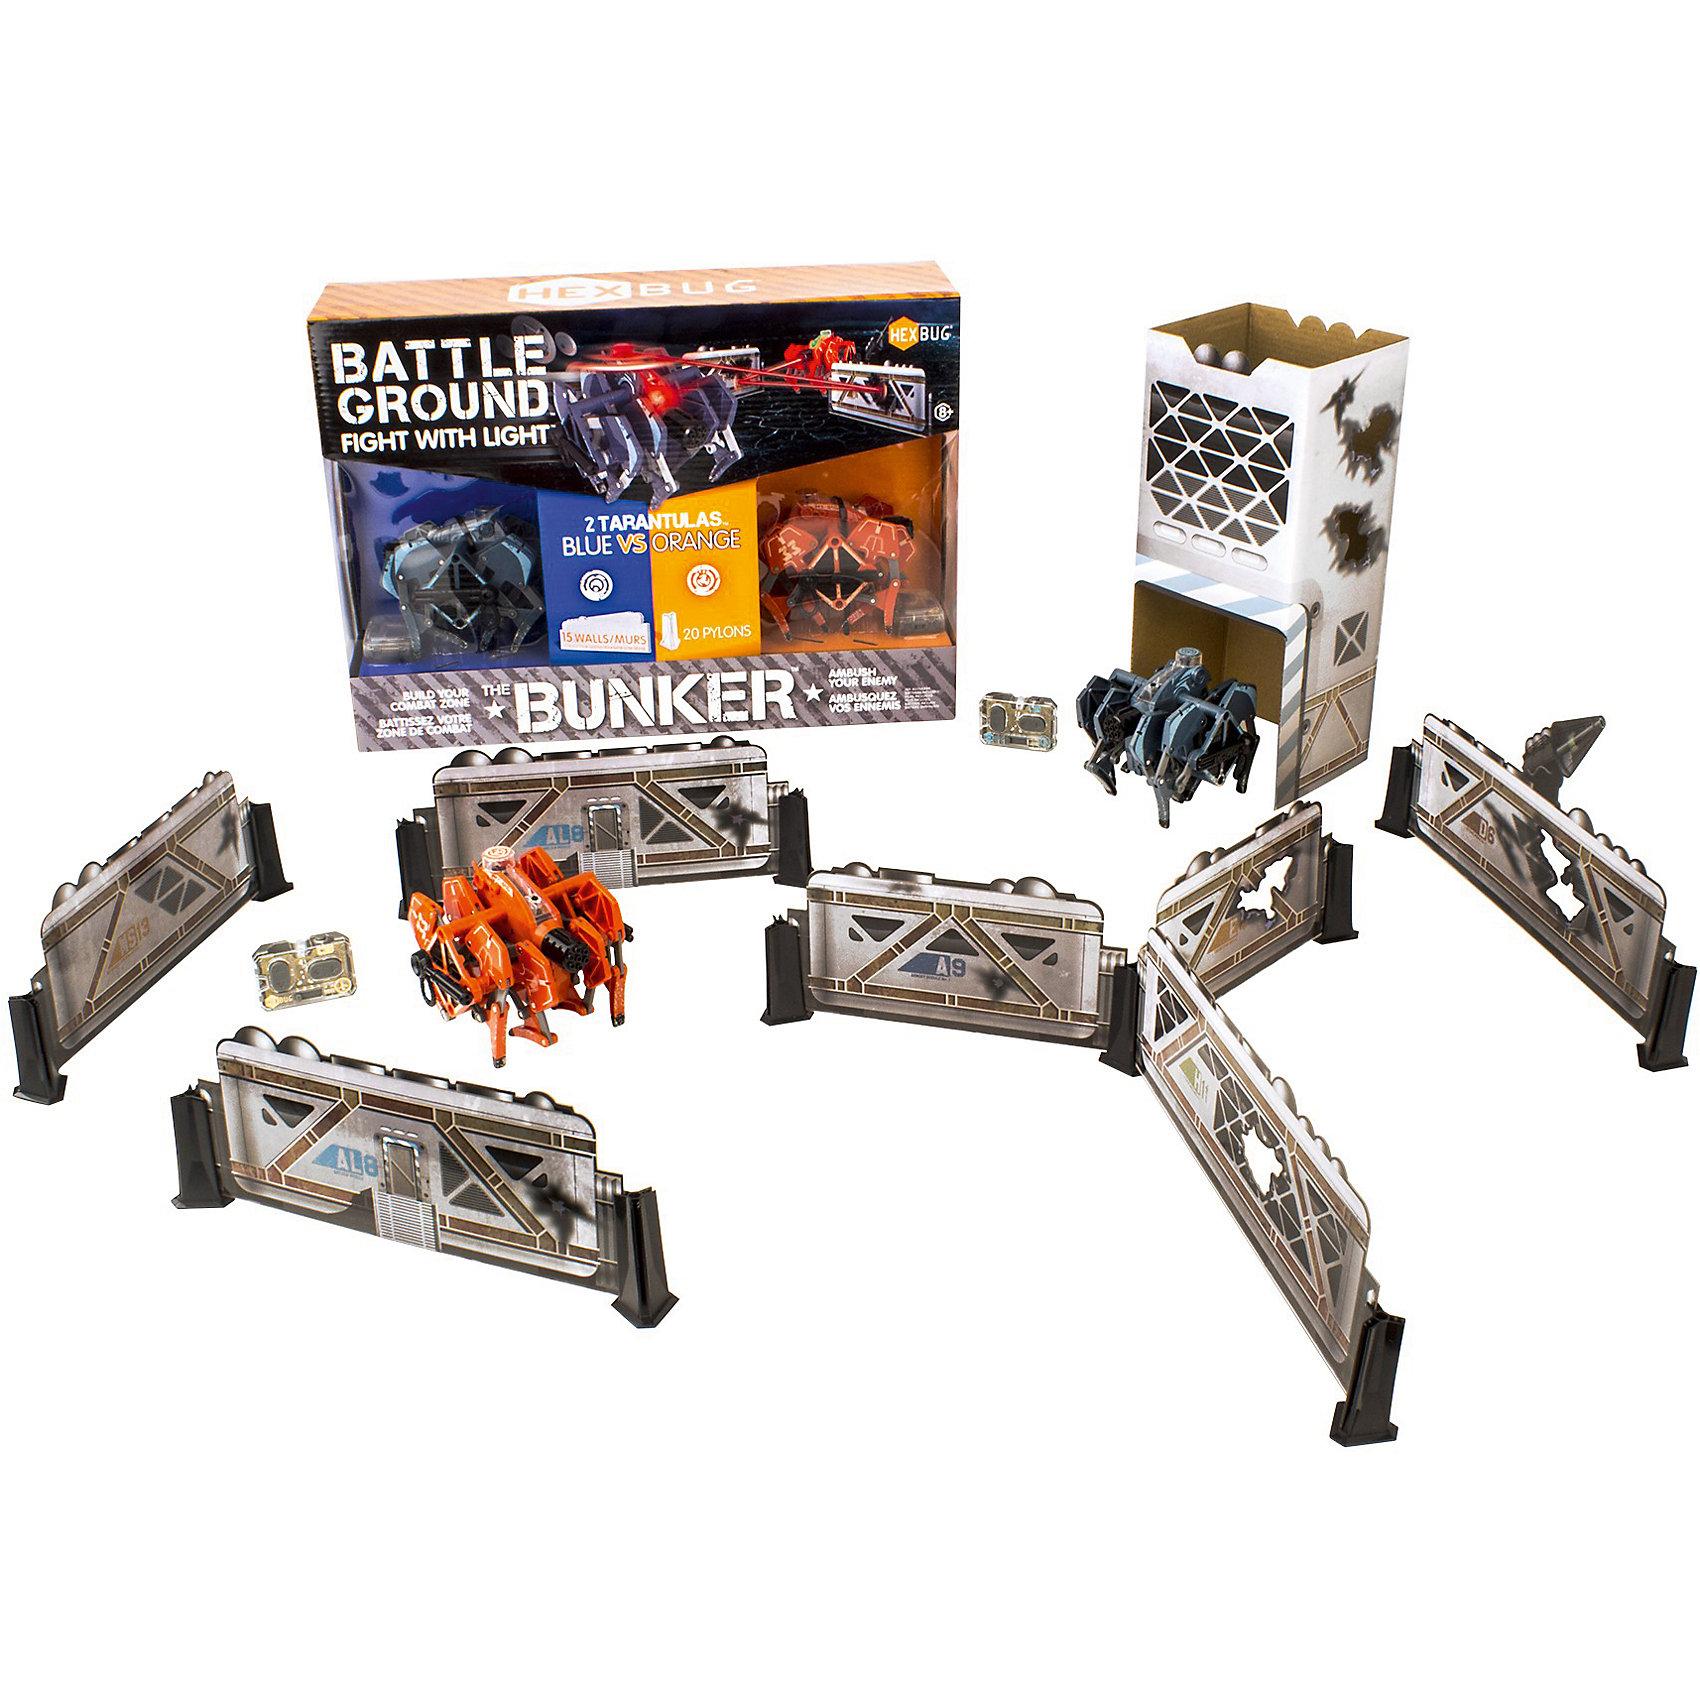 Набор из двух микро-роботов Battle Bunker Tarantula, HexbugИнтерактивные игрушки для малышей<br>Набор из двух микро-роботов Battle Bunker Tarantula, Hexbug (Хексбаг)<br><br>Характеристики:<br><br>• световые и звуковые эффекты<br>• автоматическое отключение<br>• батарейки: LR44 - 5 шт.<br>• материал: пластик, металл<br>• размер упаковки: 41х30х12 см<br>• вес: 765 грамм<br><br>Микророботы Battle Tarantula понравятся каждому любителю захватывающих сражений. Прочная конструкция робота способна выдержать удар самого сильного противника. Игрушки оснащены световыми и звуковыми эффектами. После десяти попаданий по противнику робот автоматически отключается. Выключите и включите робота, чтобы он снова ринулся в бой. В набор входят красный, синий роботы и аксессуары для постройки военной территории. Наблюдать за сражений двух сильных противников очень интересно. А башни и стены сделают игру еще более захватывающей!<br><br>Набор из двух микро-роботов Battle Bunker Tarantula, Hexbug (Хексбаг) можно купить в нашем интернет-магазине.<br><br>Ширина мм: 280<br>Глубина мм: 110<br>Высота мм: 390<br>Вес г: 935<br>Возраст от месяцев: 36<br>Возраст до месяцев: 2147483647<br>Пол: Унисекс<br>Возраст: Детский<br>SKU: 5507194